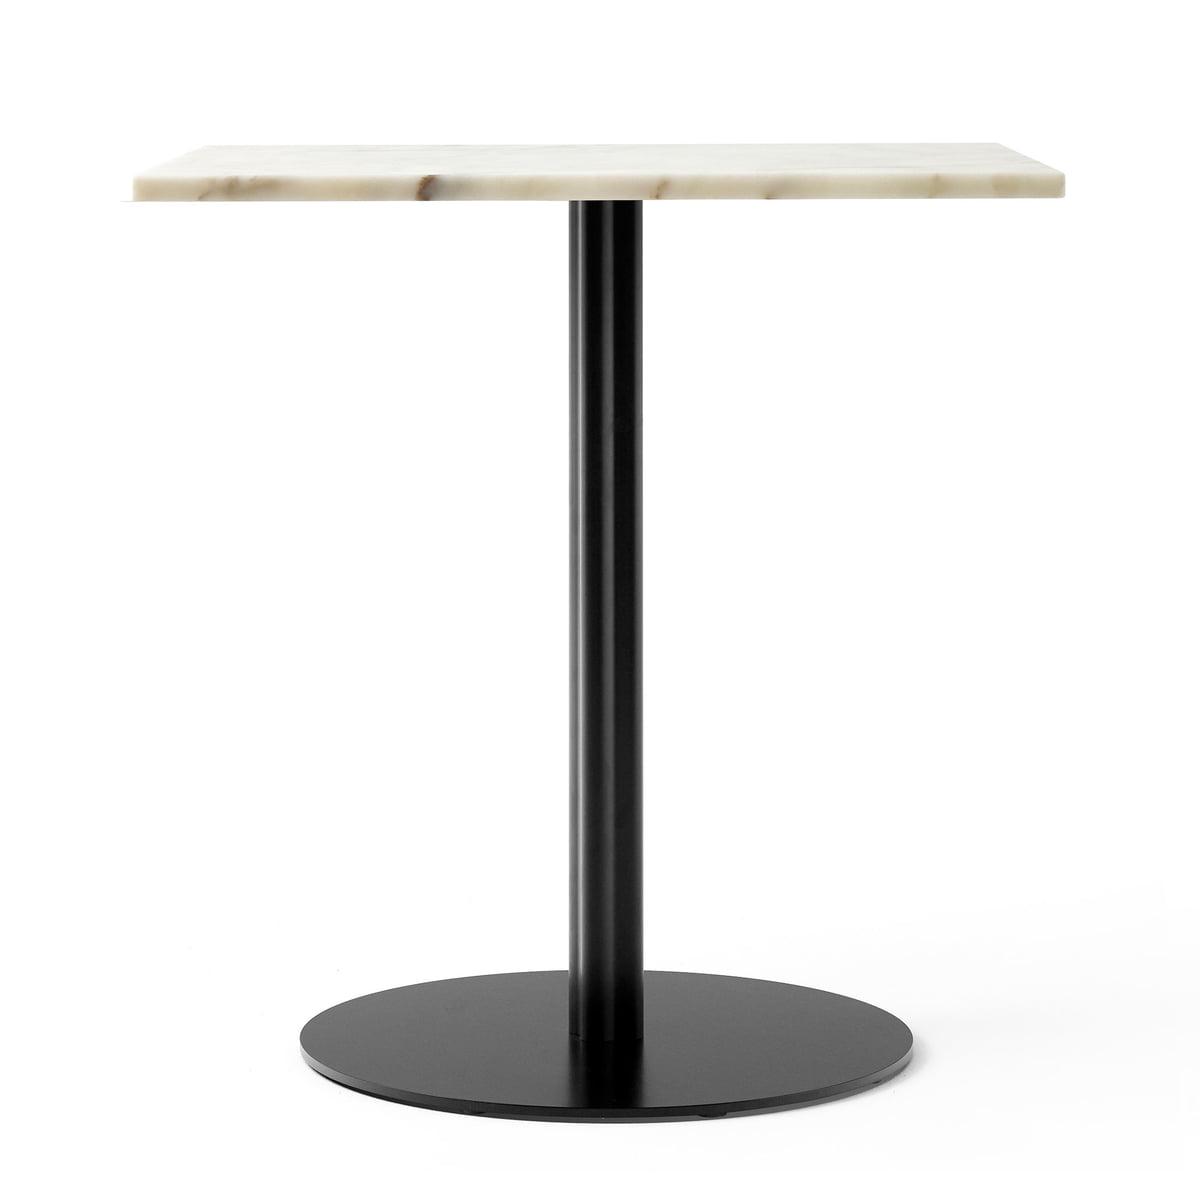 Menu - Harbour Column Bistrotisch 70 x 60 cm, Marmor weiß / schwarz | Küche und Esszimmer > Bar-Möbel > Bar-Stehtische | Marmor | Menu